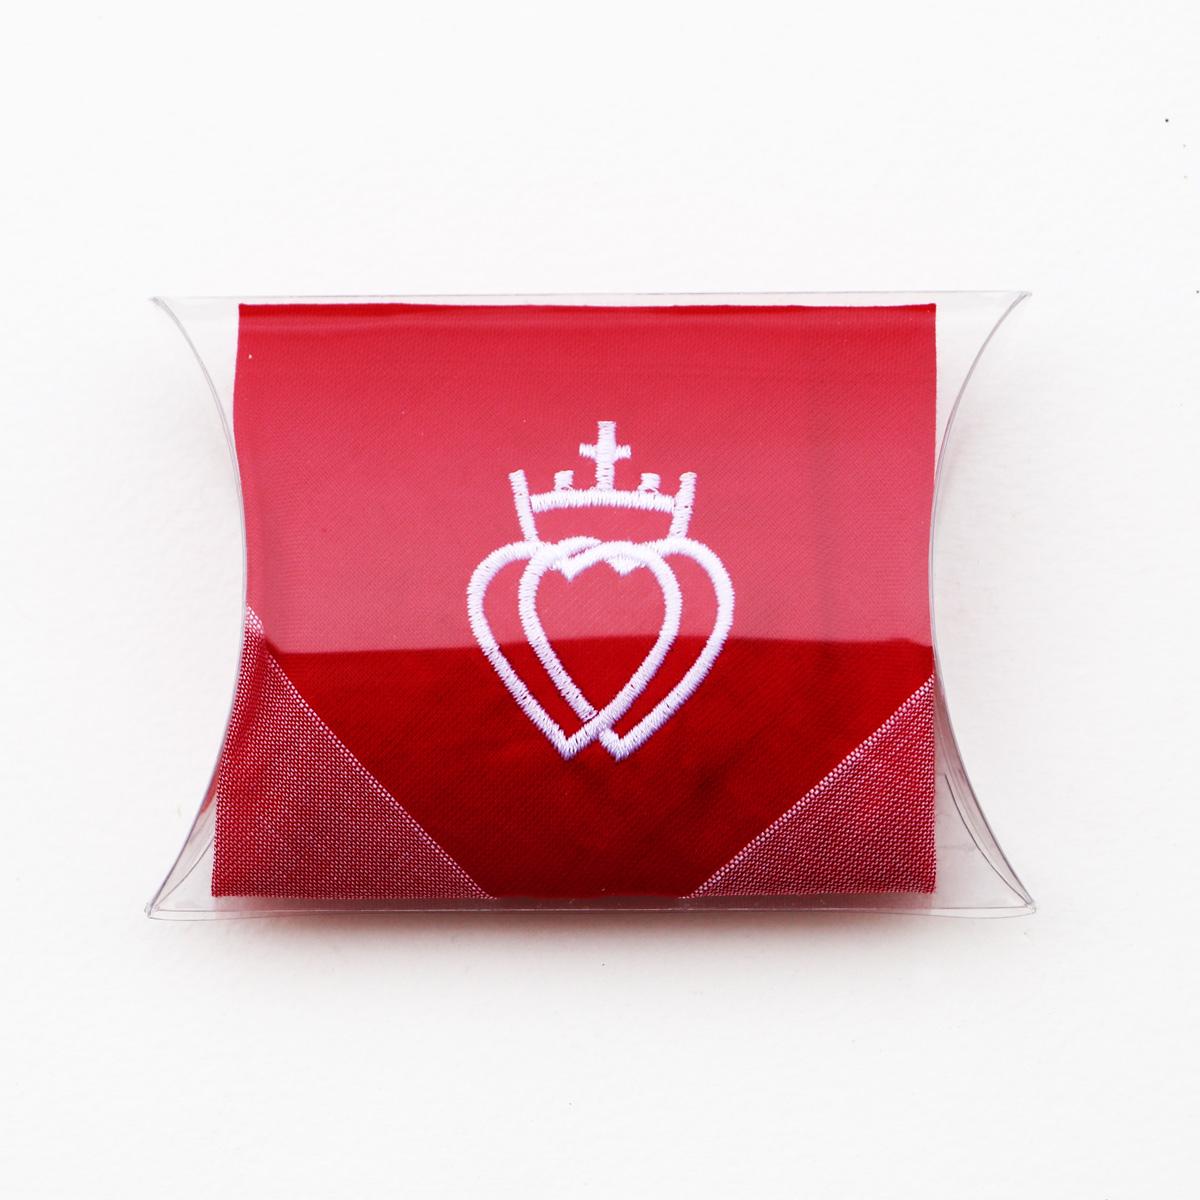 sacs /à dos chapeaux Hui JIN Lot de 3 /épingles en /émail avec motif de c/œur pulmonaire cadeau pour filles et femmes cerveau pour v/êtements